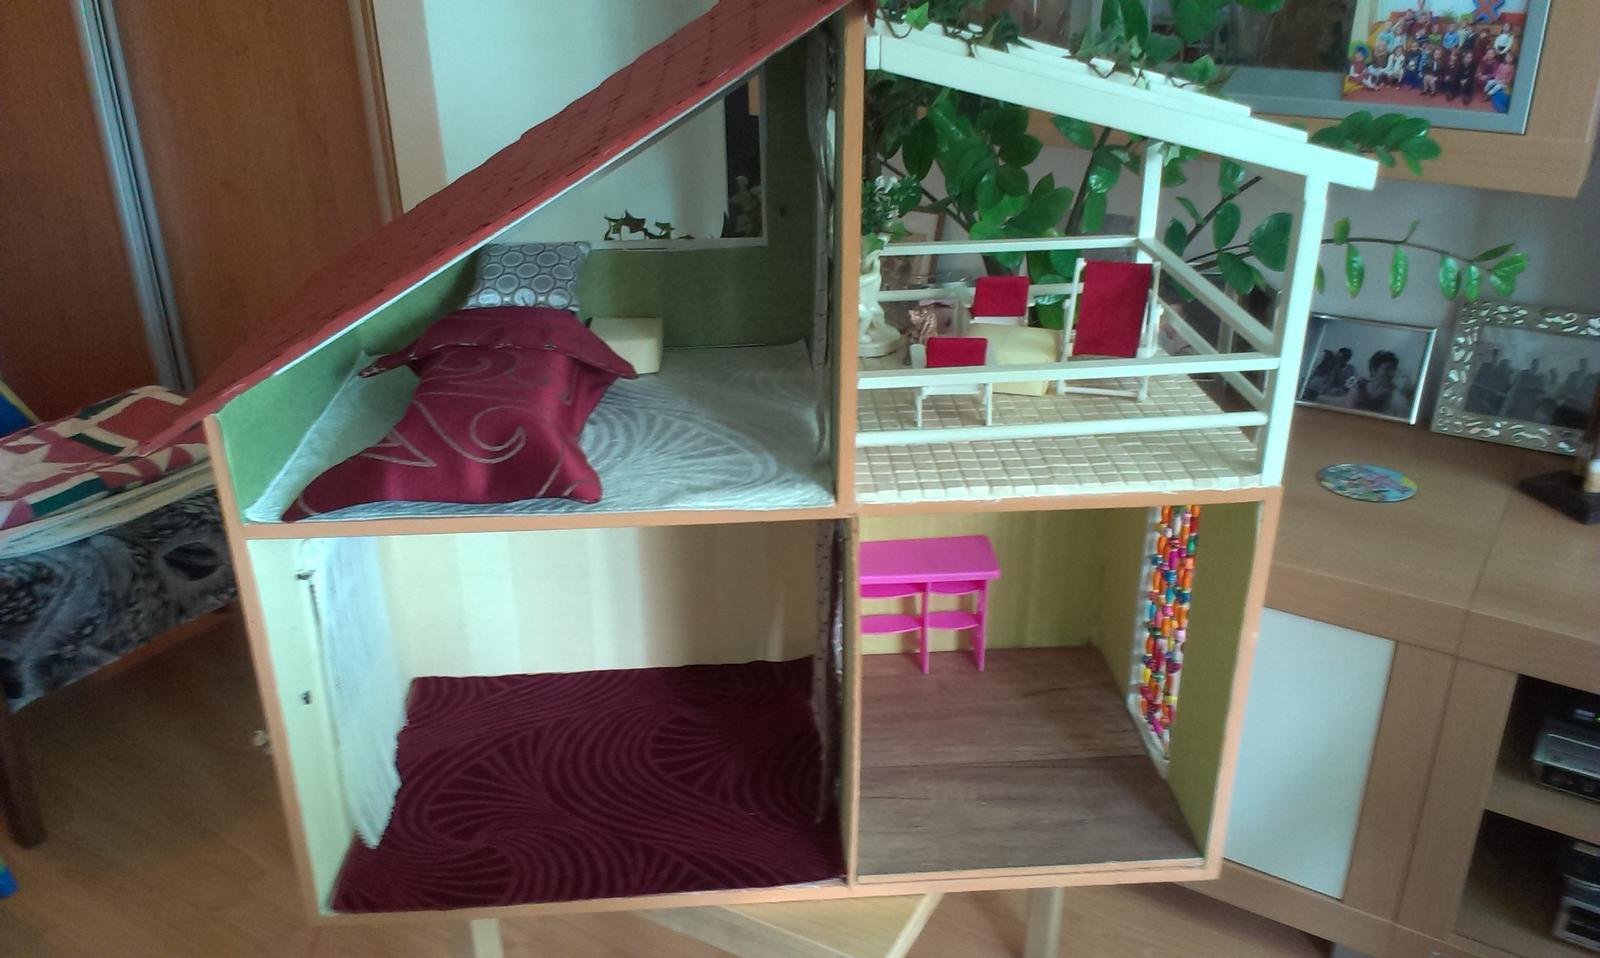 Ďalšia prestavba :) - Tak, a obývačku a kuchyňu si môže zariadiť nová majiteľka sama. Psa sme dodali spolu s domom :).